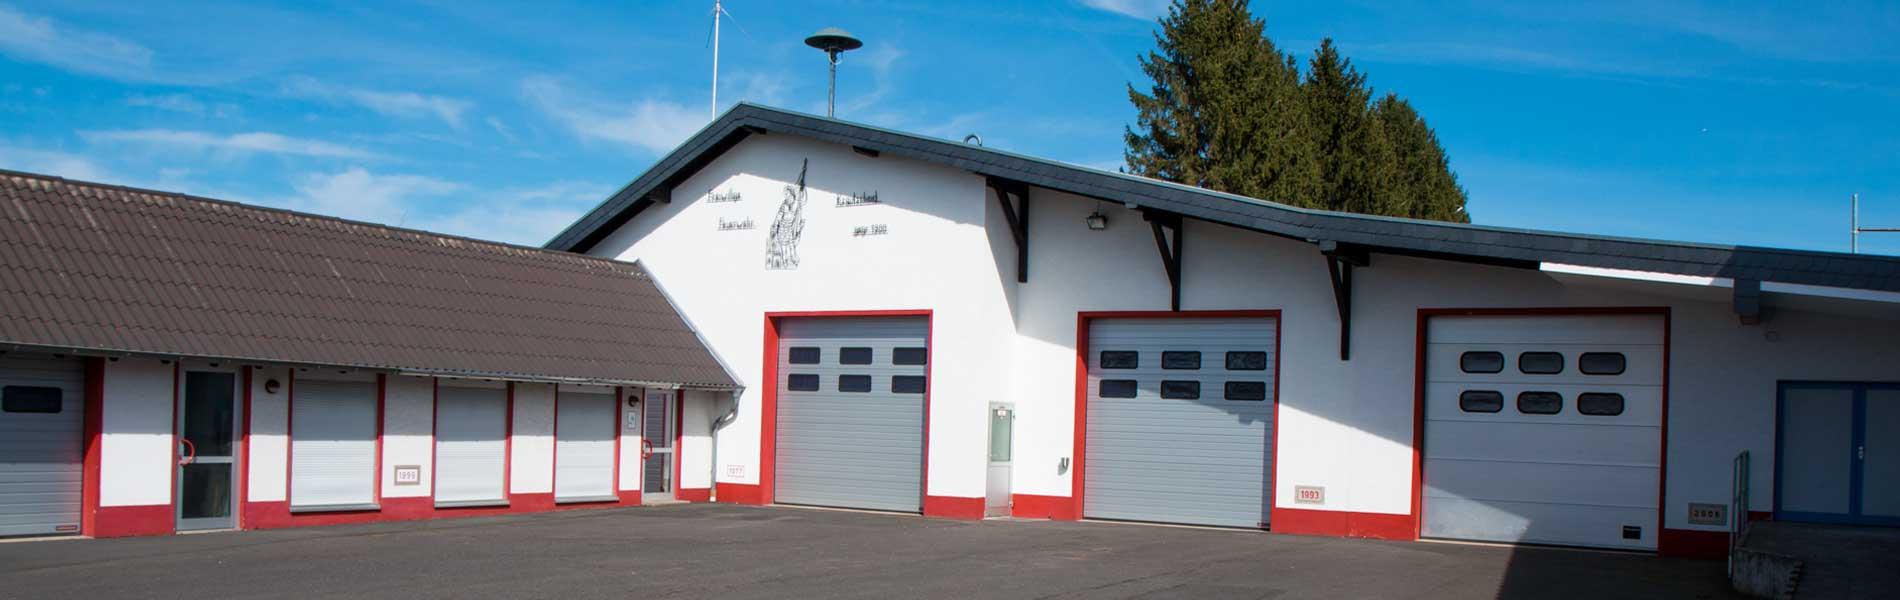 Feuerwehr-Krautscheid_Gerätehaus_VG-Asbach